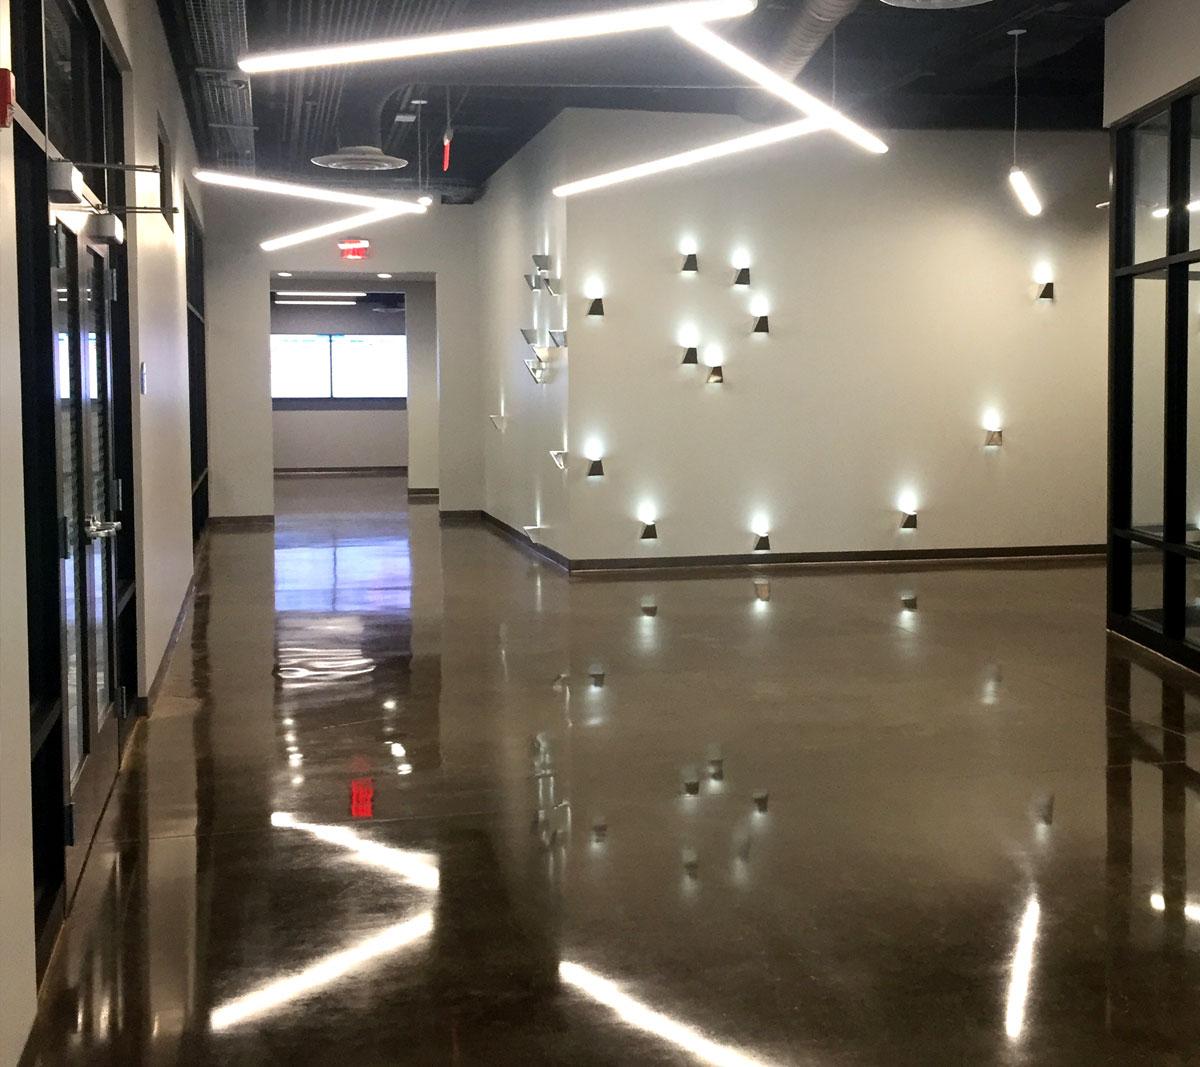 911 Center corridor